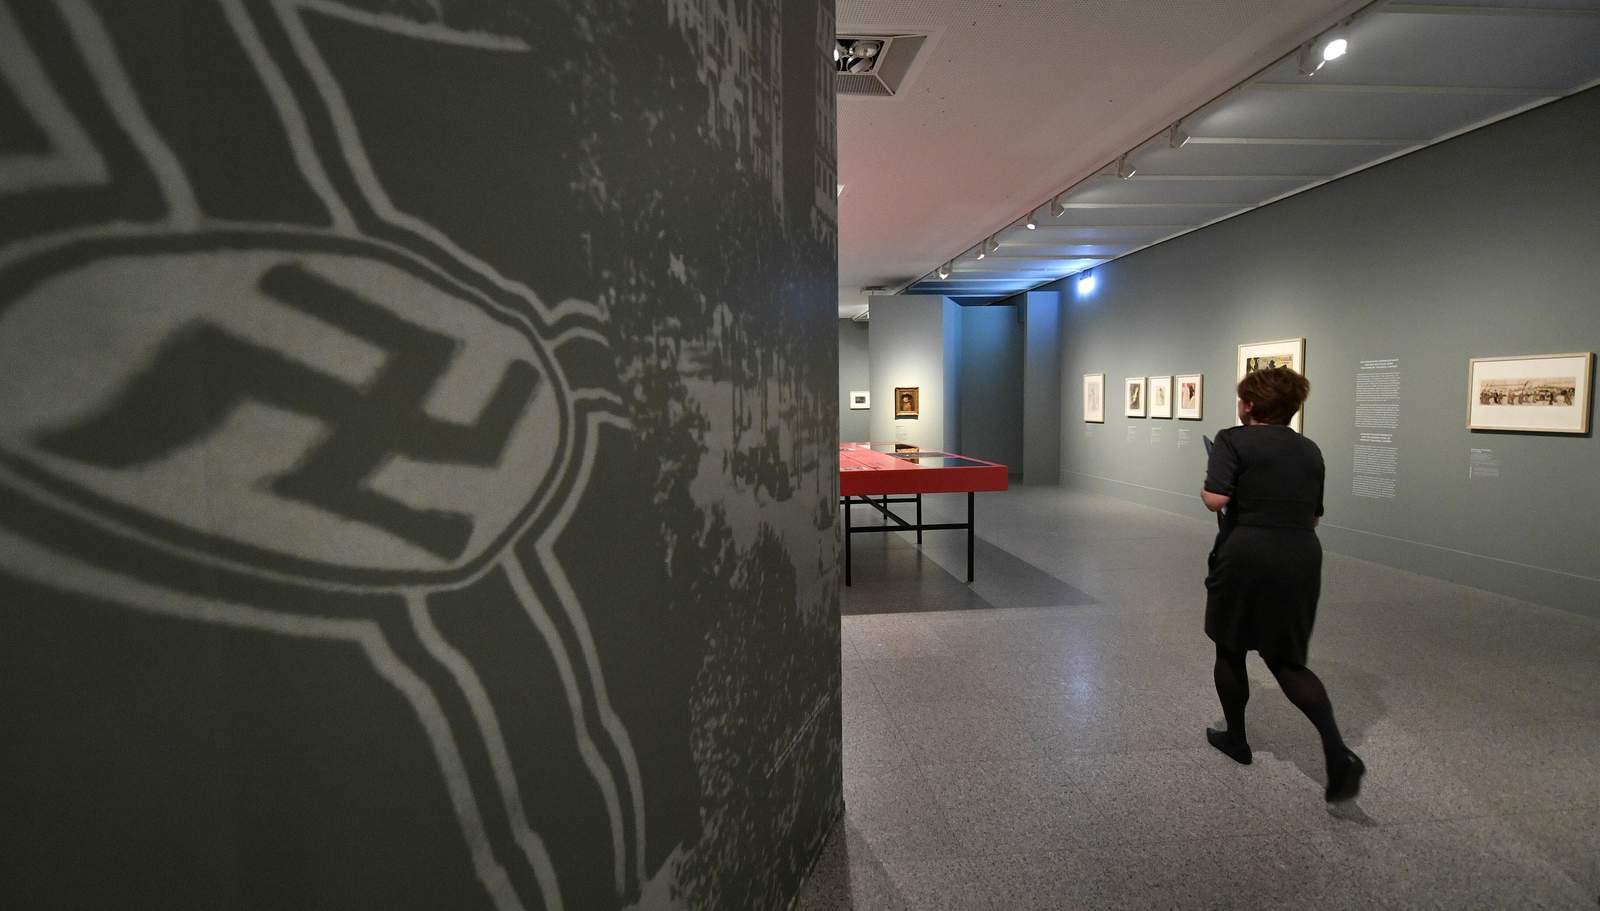 A németek az utolsó műkincset is visszaszolgáltatták a hírhedt Gurlitt-gyűjteményből